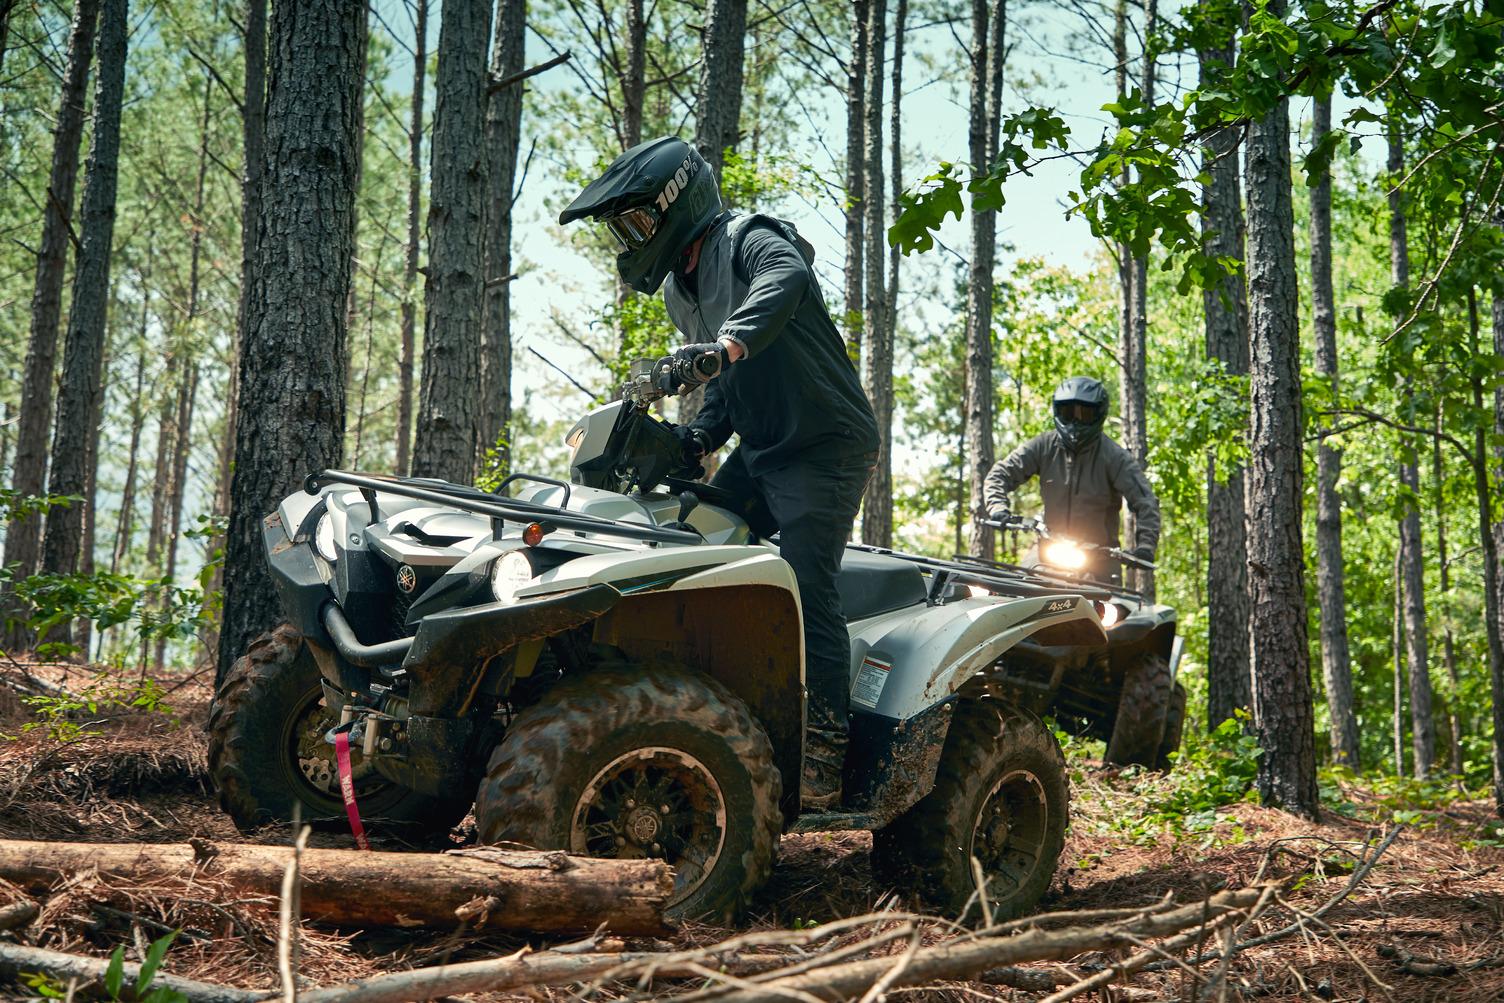 Big Bore ATV for Aggressive Trail Riding